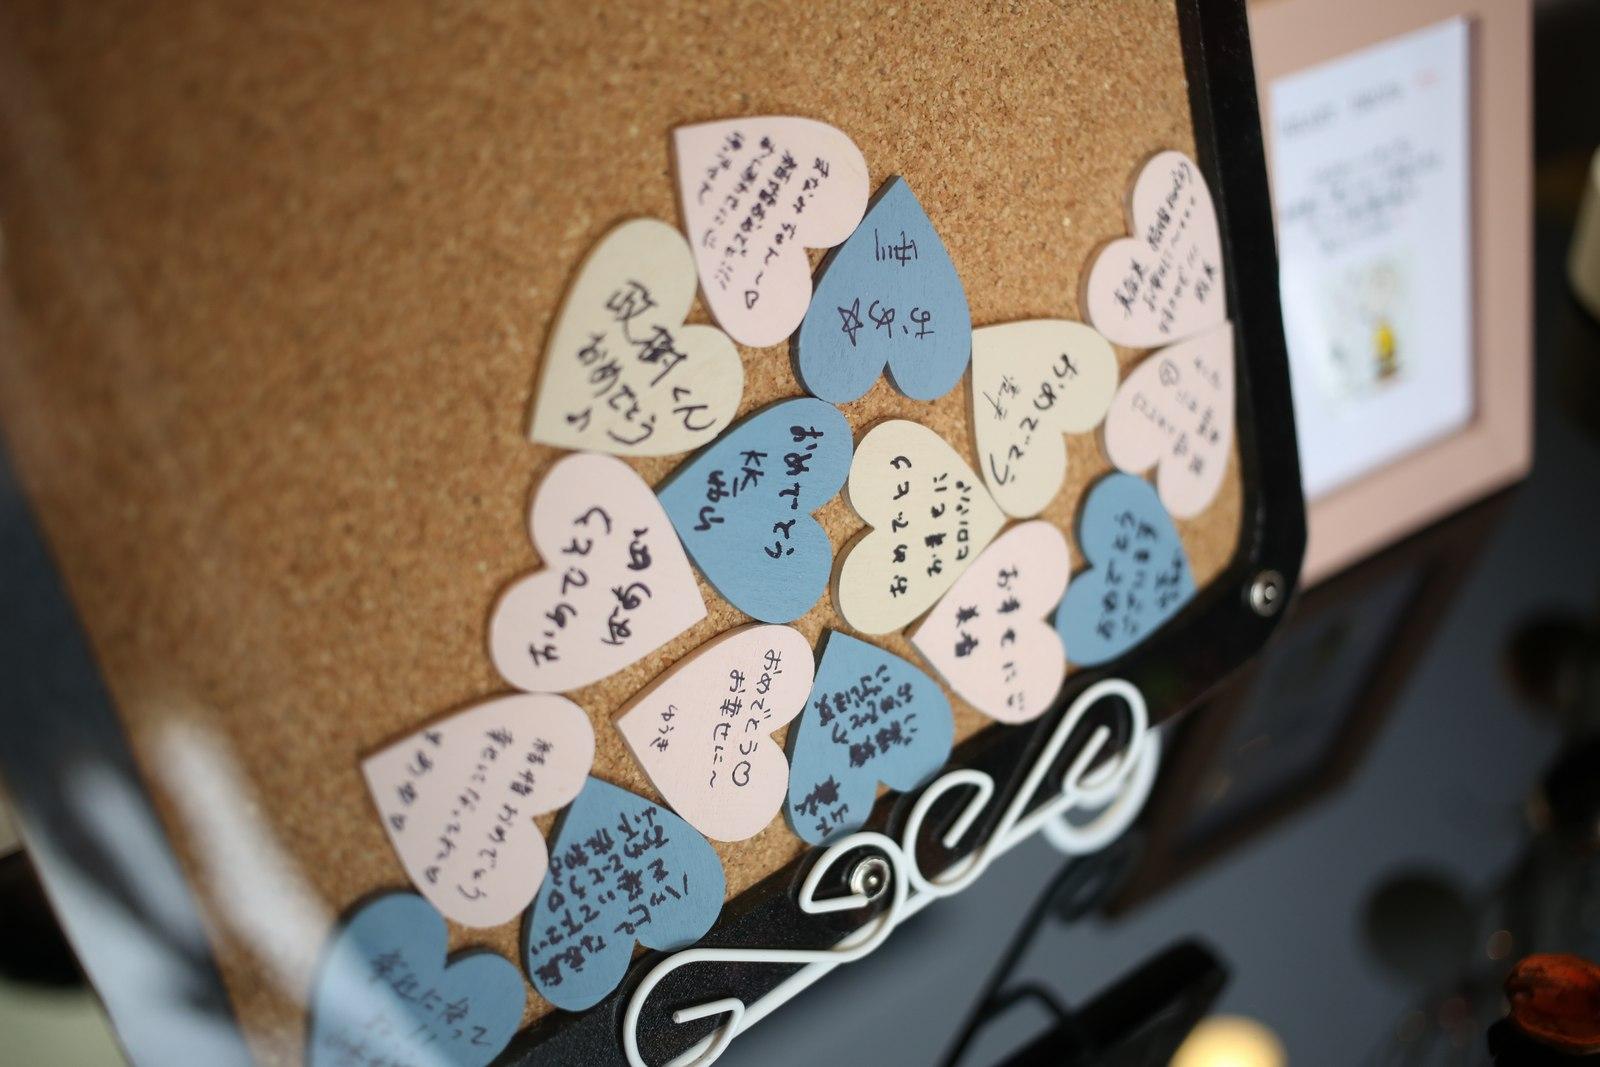 徳島市の結婚式場ブランアンジュでゲストがメッセージを記入したハートドロップス